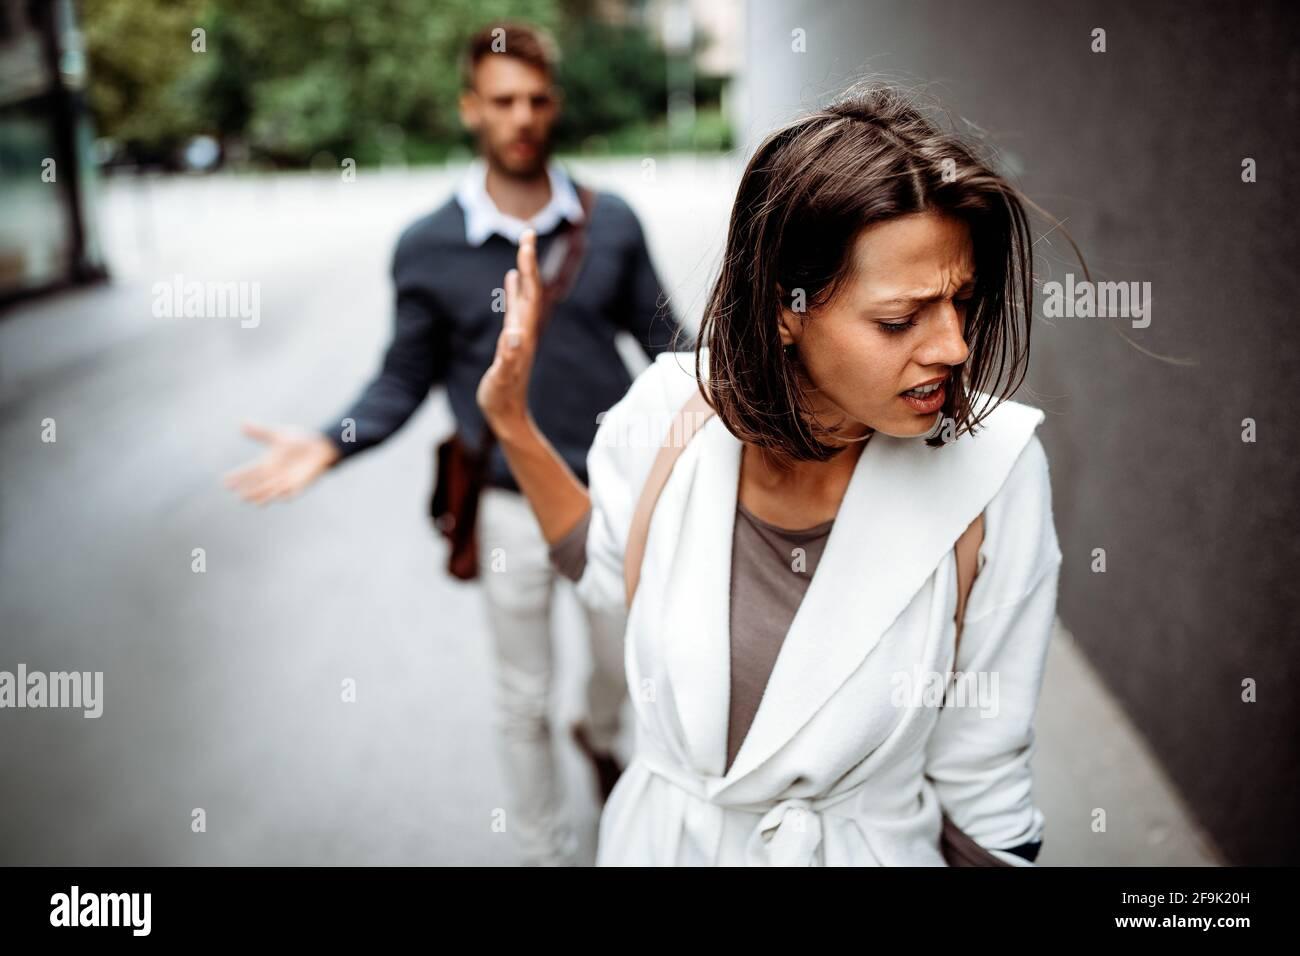 Triste giovane donna e uomo all'aperto sulla strada che ha problemi di relazione Foto Stock